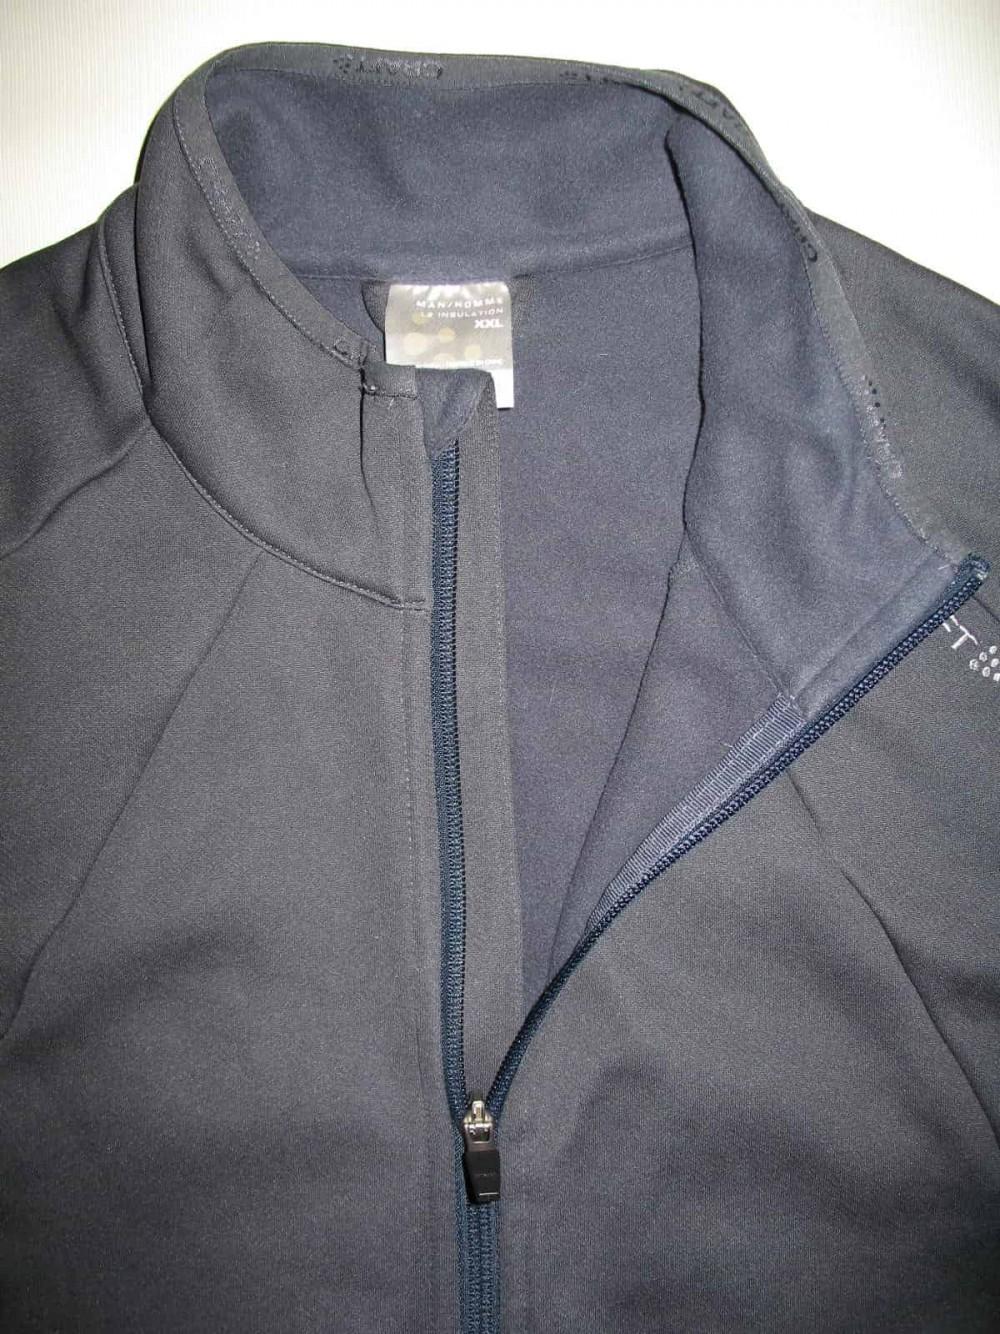 Жилет CRAFT fleece vest (размер XXL) - 3